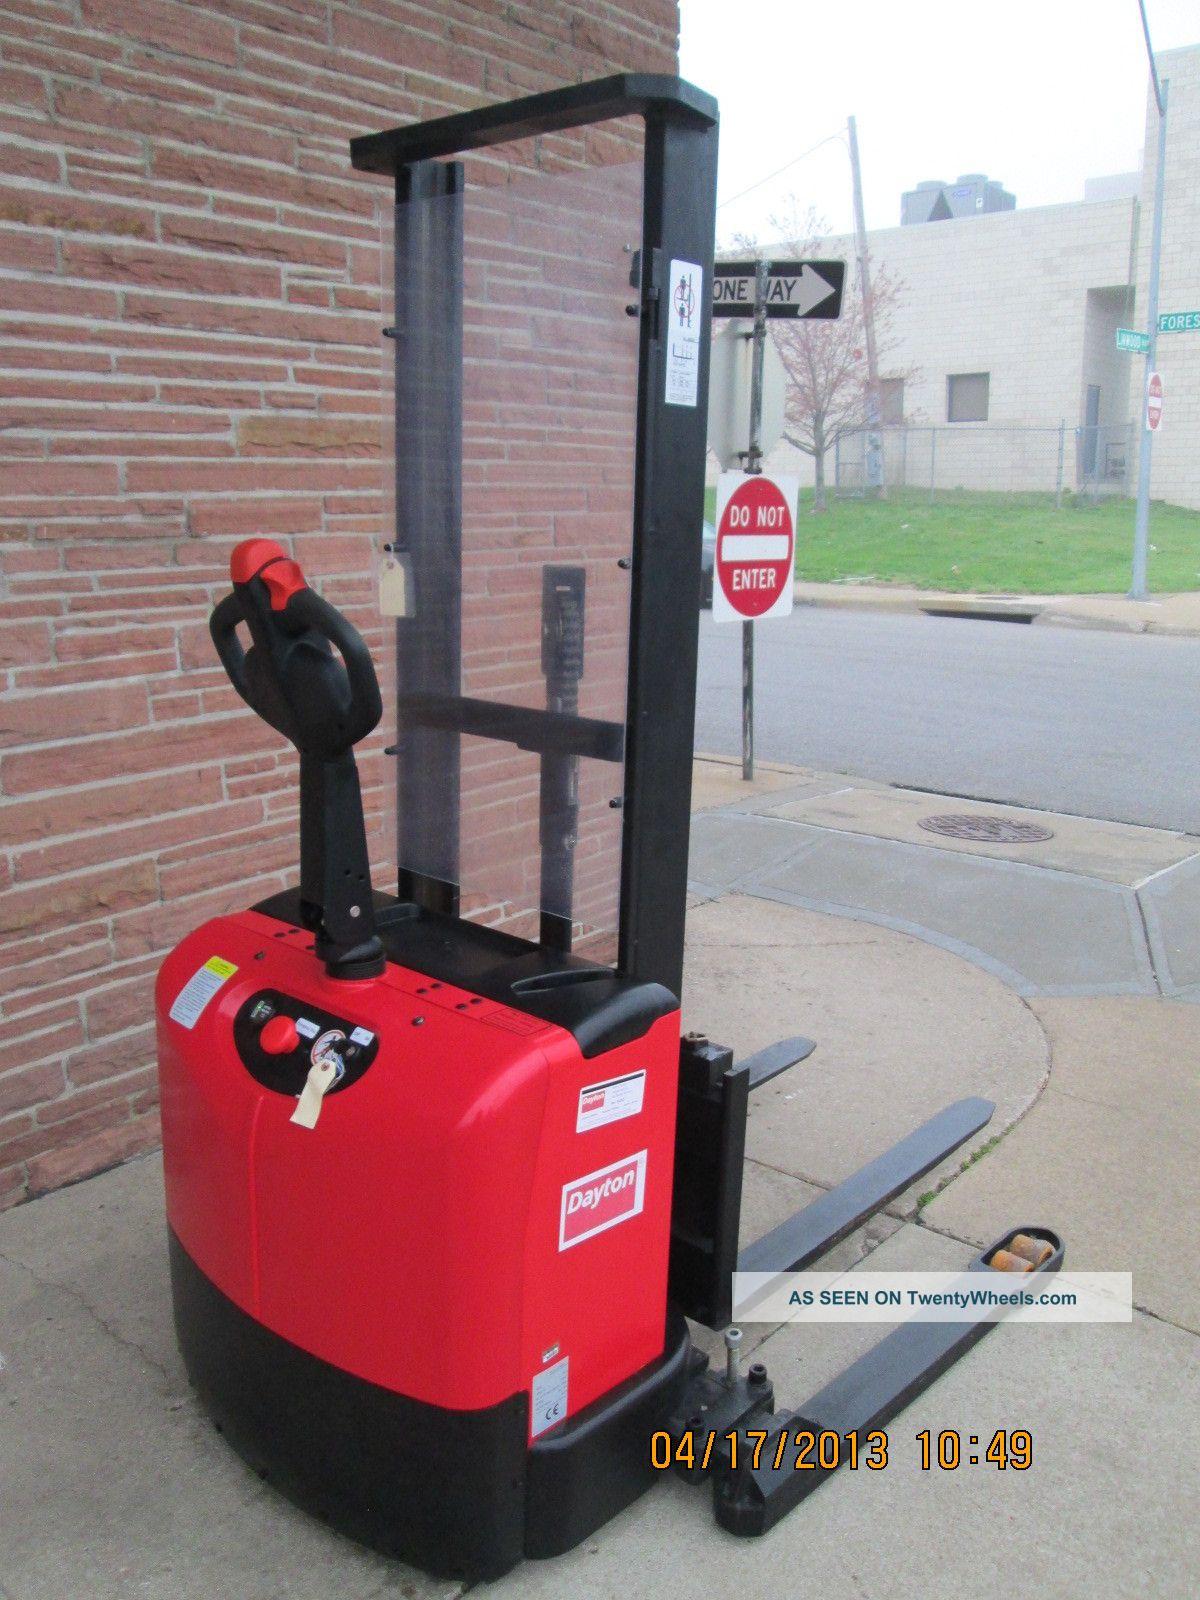 Dayton Adjustable Base Stacker Model 2lec2 Forklifts & Other Lifts photo